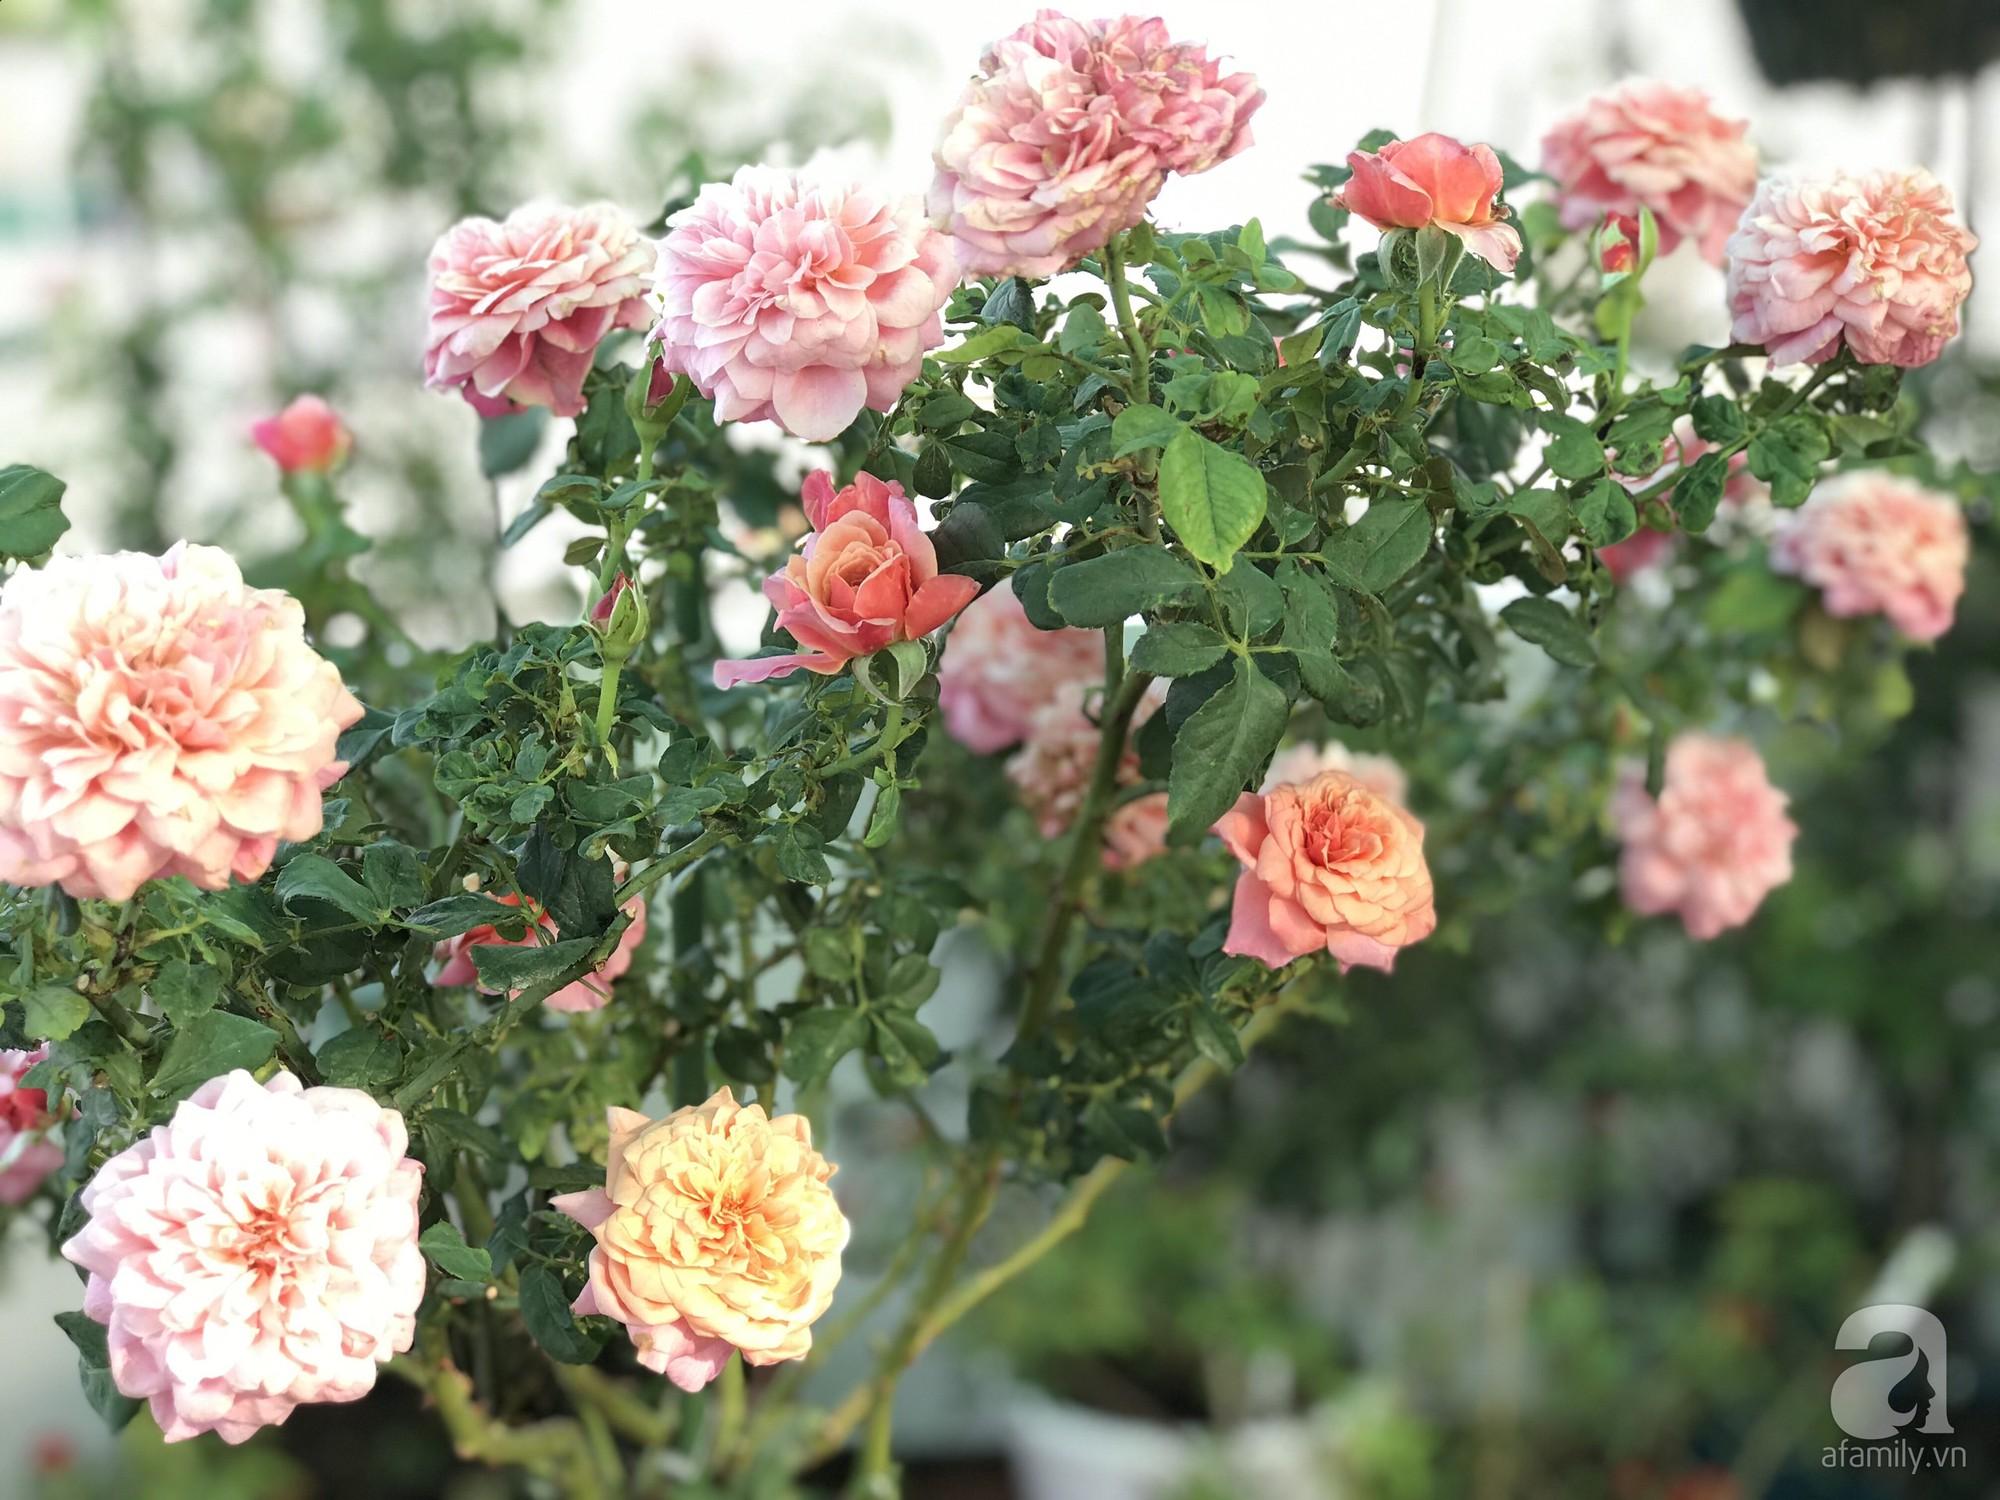 Sân thượng hoa hồng đẹp mộng mơ như trong cổ tích của cô giáo dạy Văn ở thành phố biển Nha Trang - Hình 4